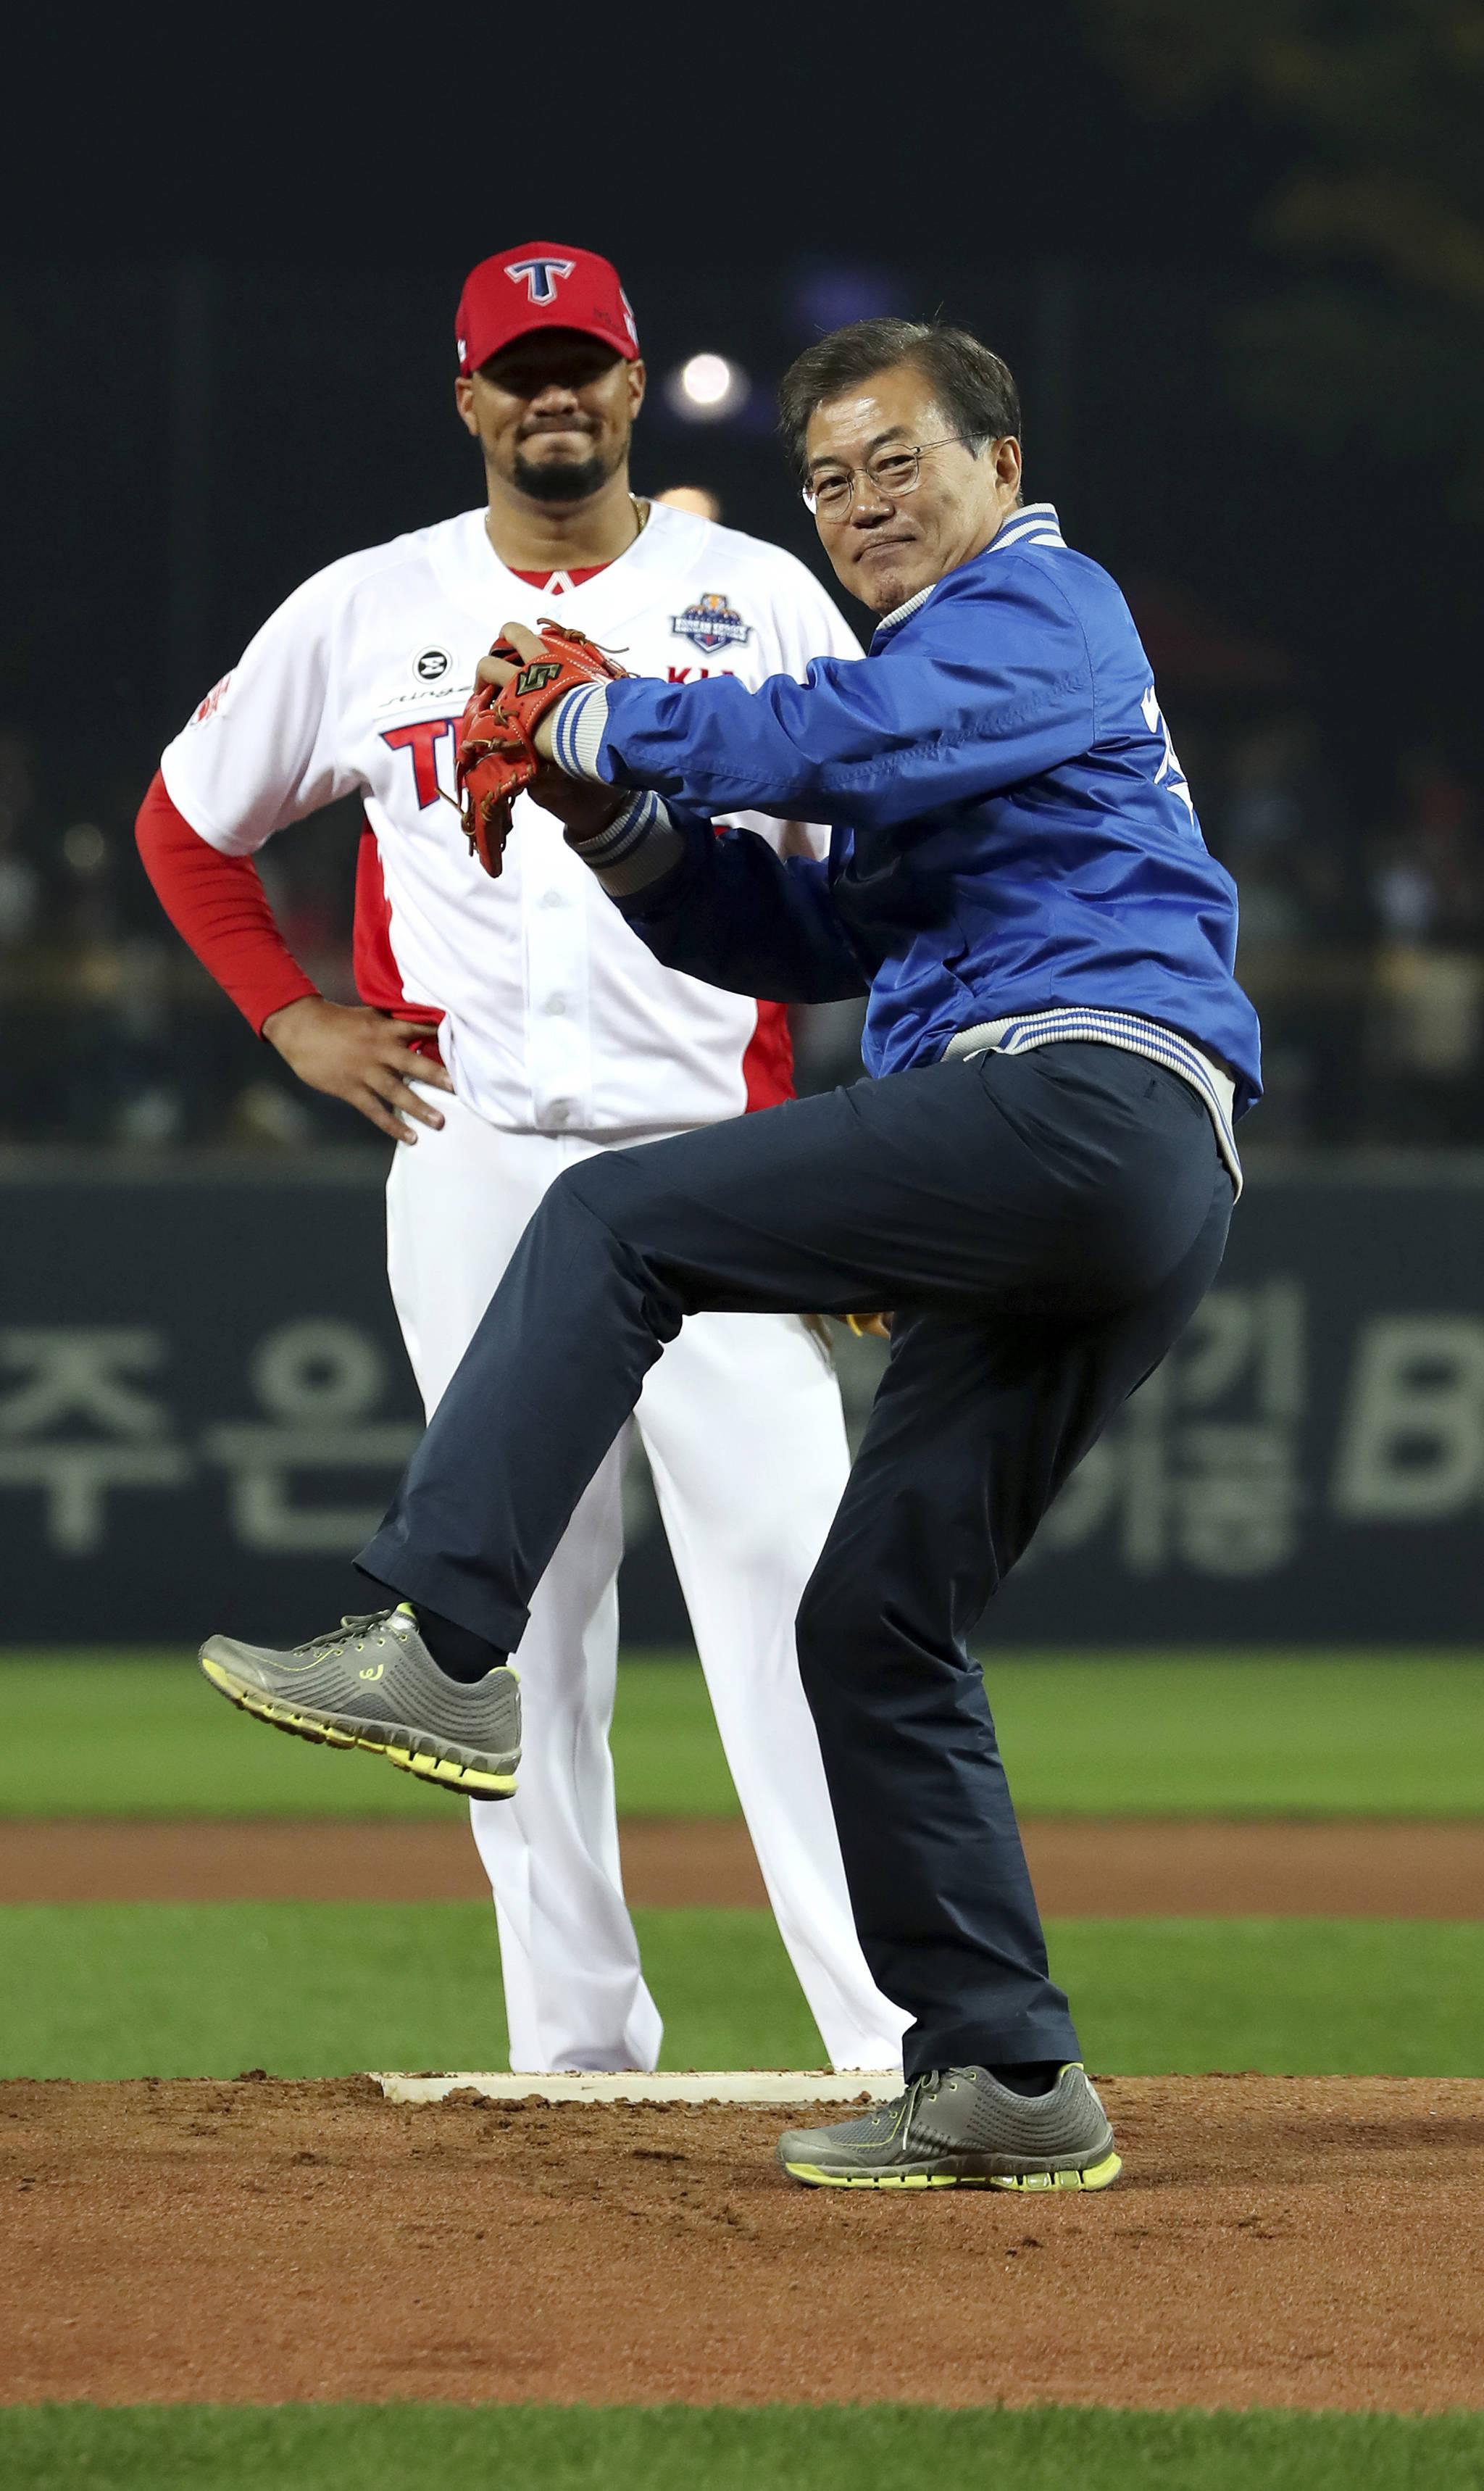 문재인 대통령이 지난해 10월 25일 광주시 기아챔피언스필드에서 열린 2017 타이어뱅크 KBO리그 한국시리즈 1차전 KIA 타이거즈와 두산 베어스의 경기에서 시구를 하고 있다. [사진 청와대]